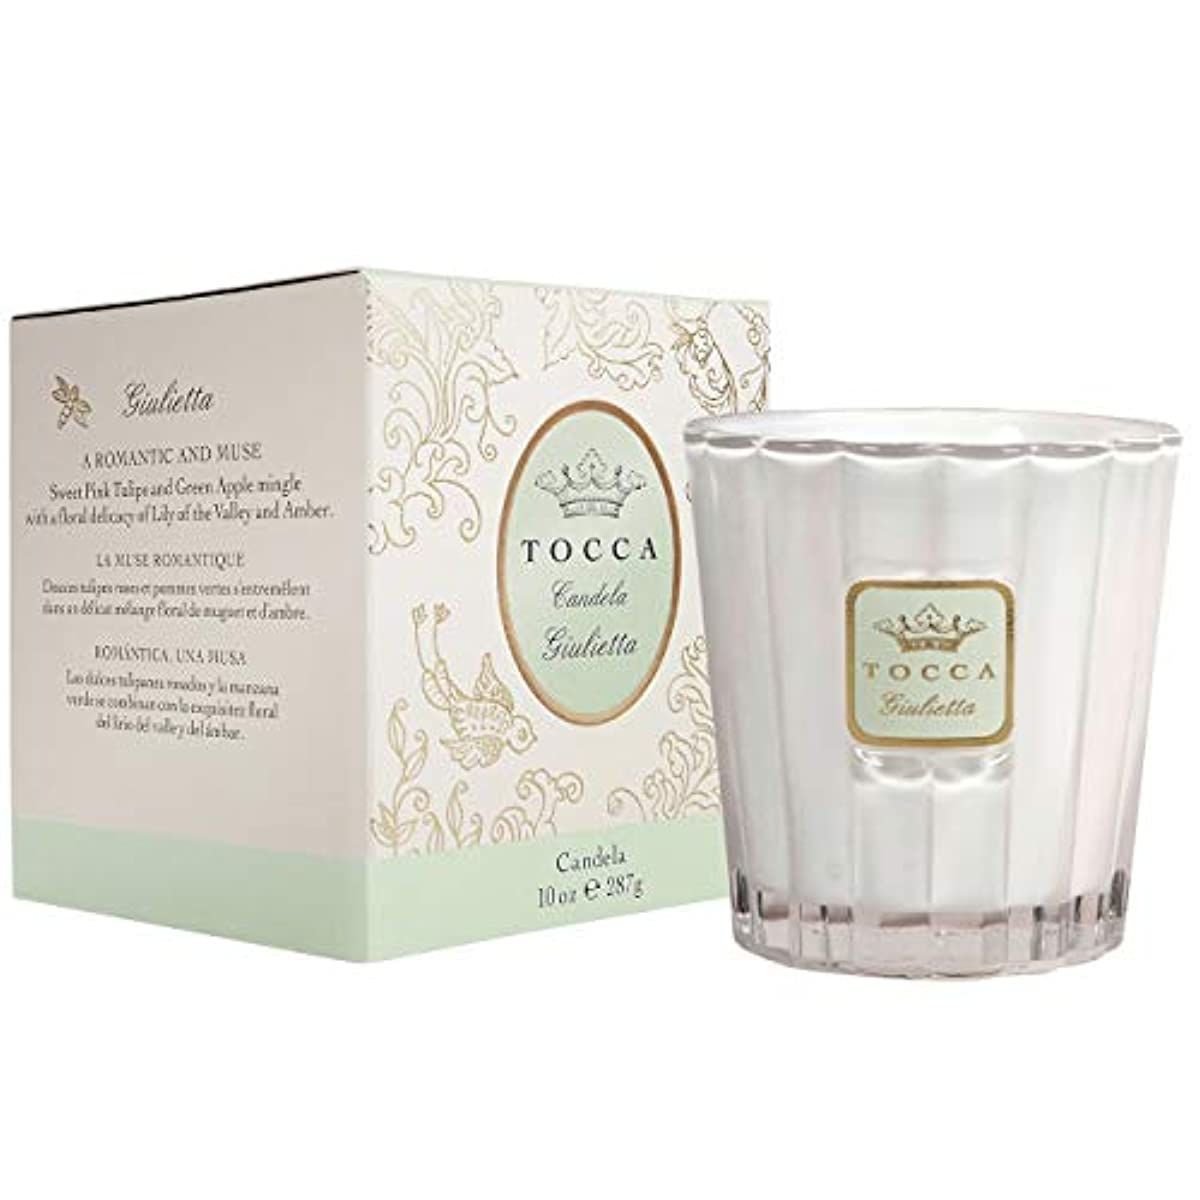 オーチャード傾向荒涼としたトッカ(TOCCA) キャンドル ジュリエッタの香り 約287g (ろうそく 爽やかで甘い香り)